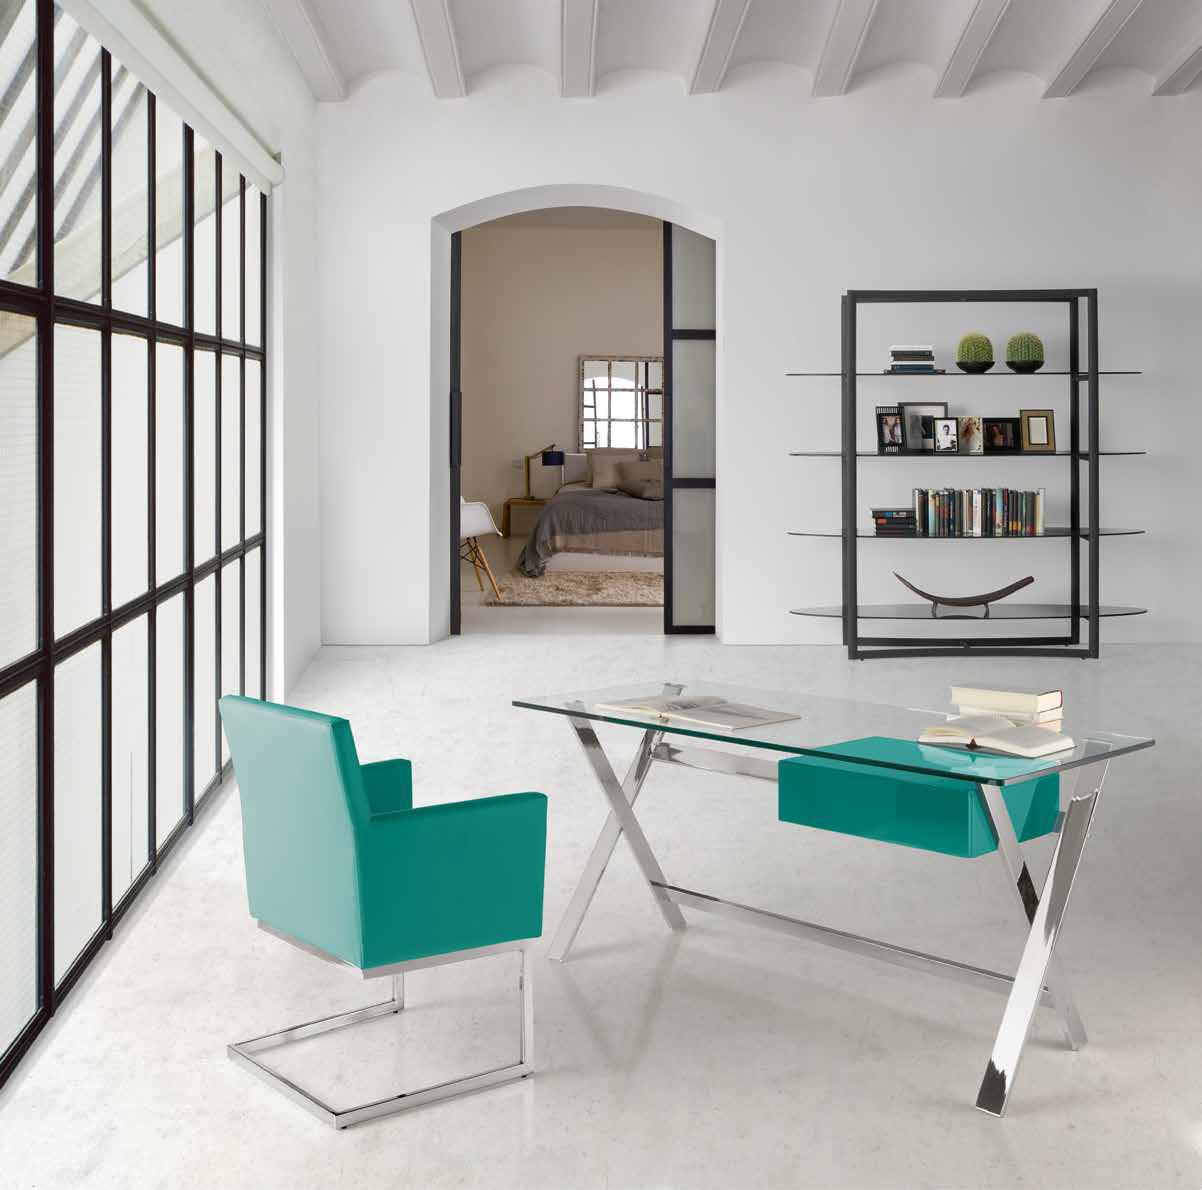 Mesa despacho dise o zacatecas muebles d azmuebles d az for Mesa cristal oficina